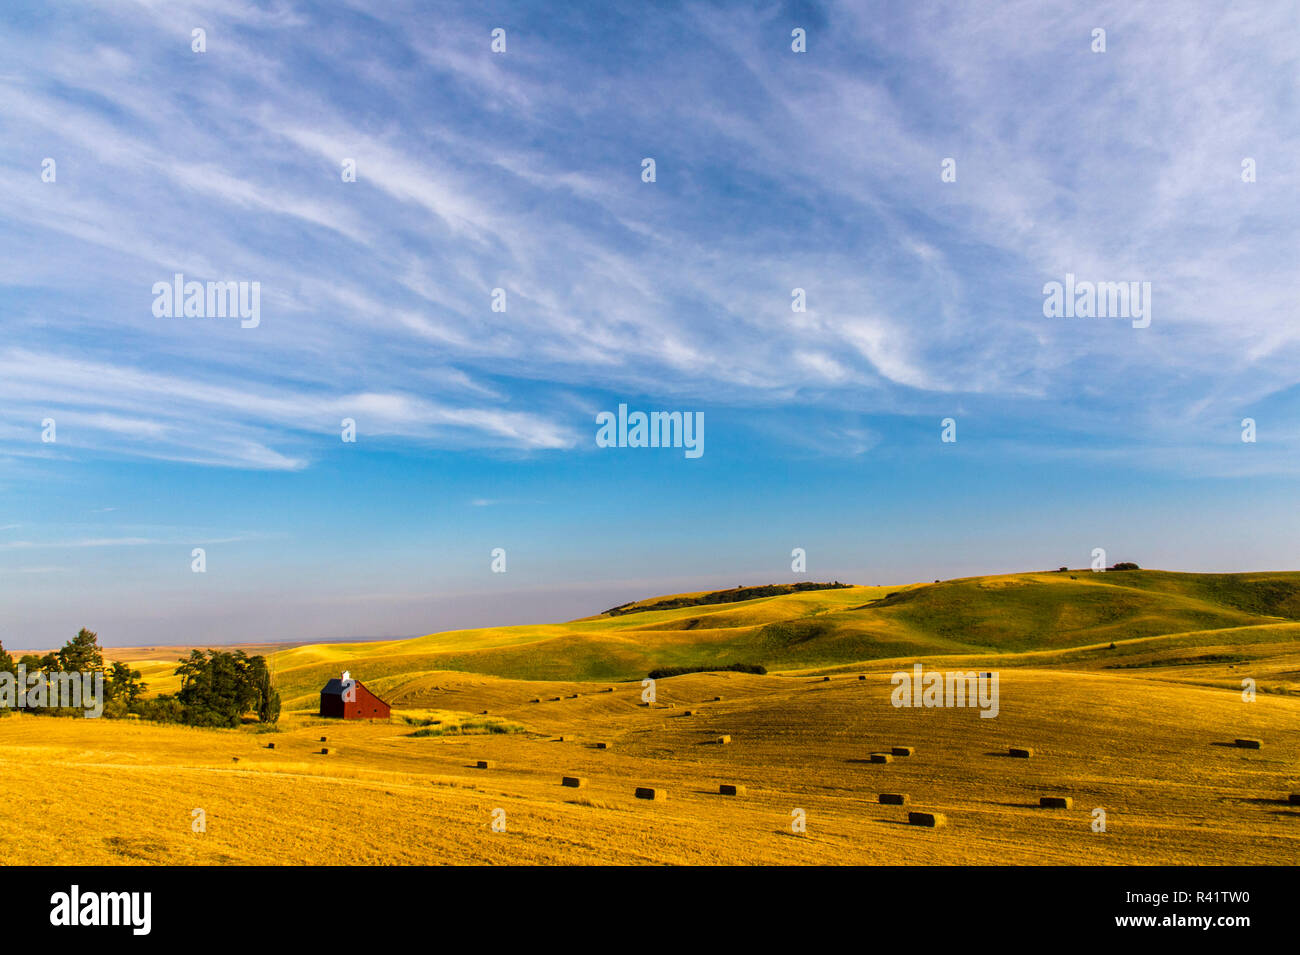 USA, Washington State, Farm, Agriculture - Stock Image